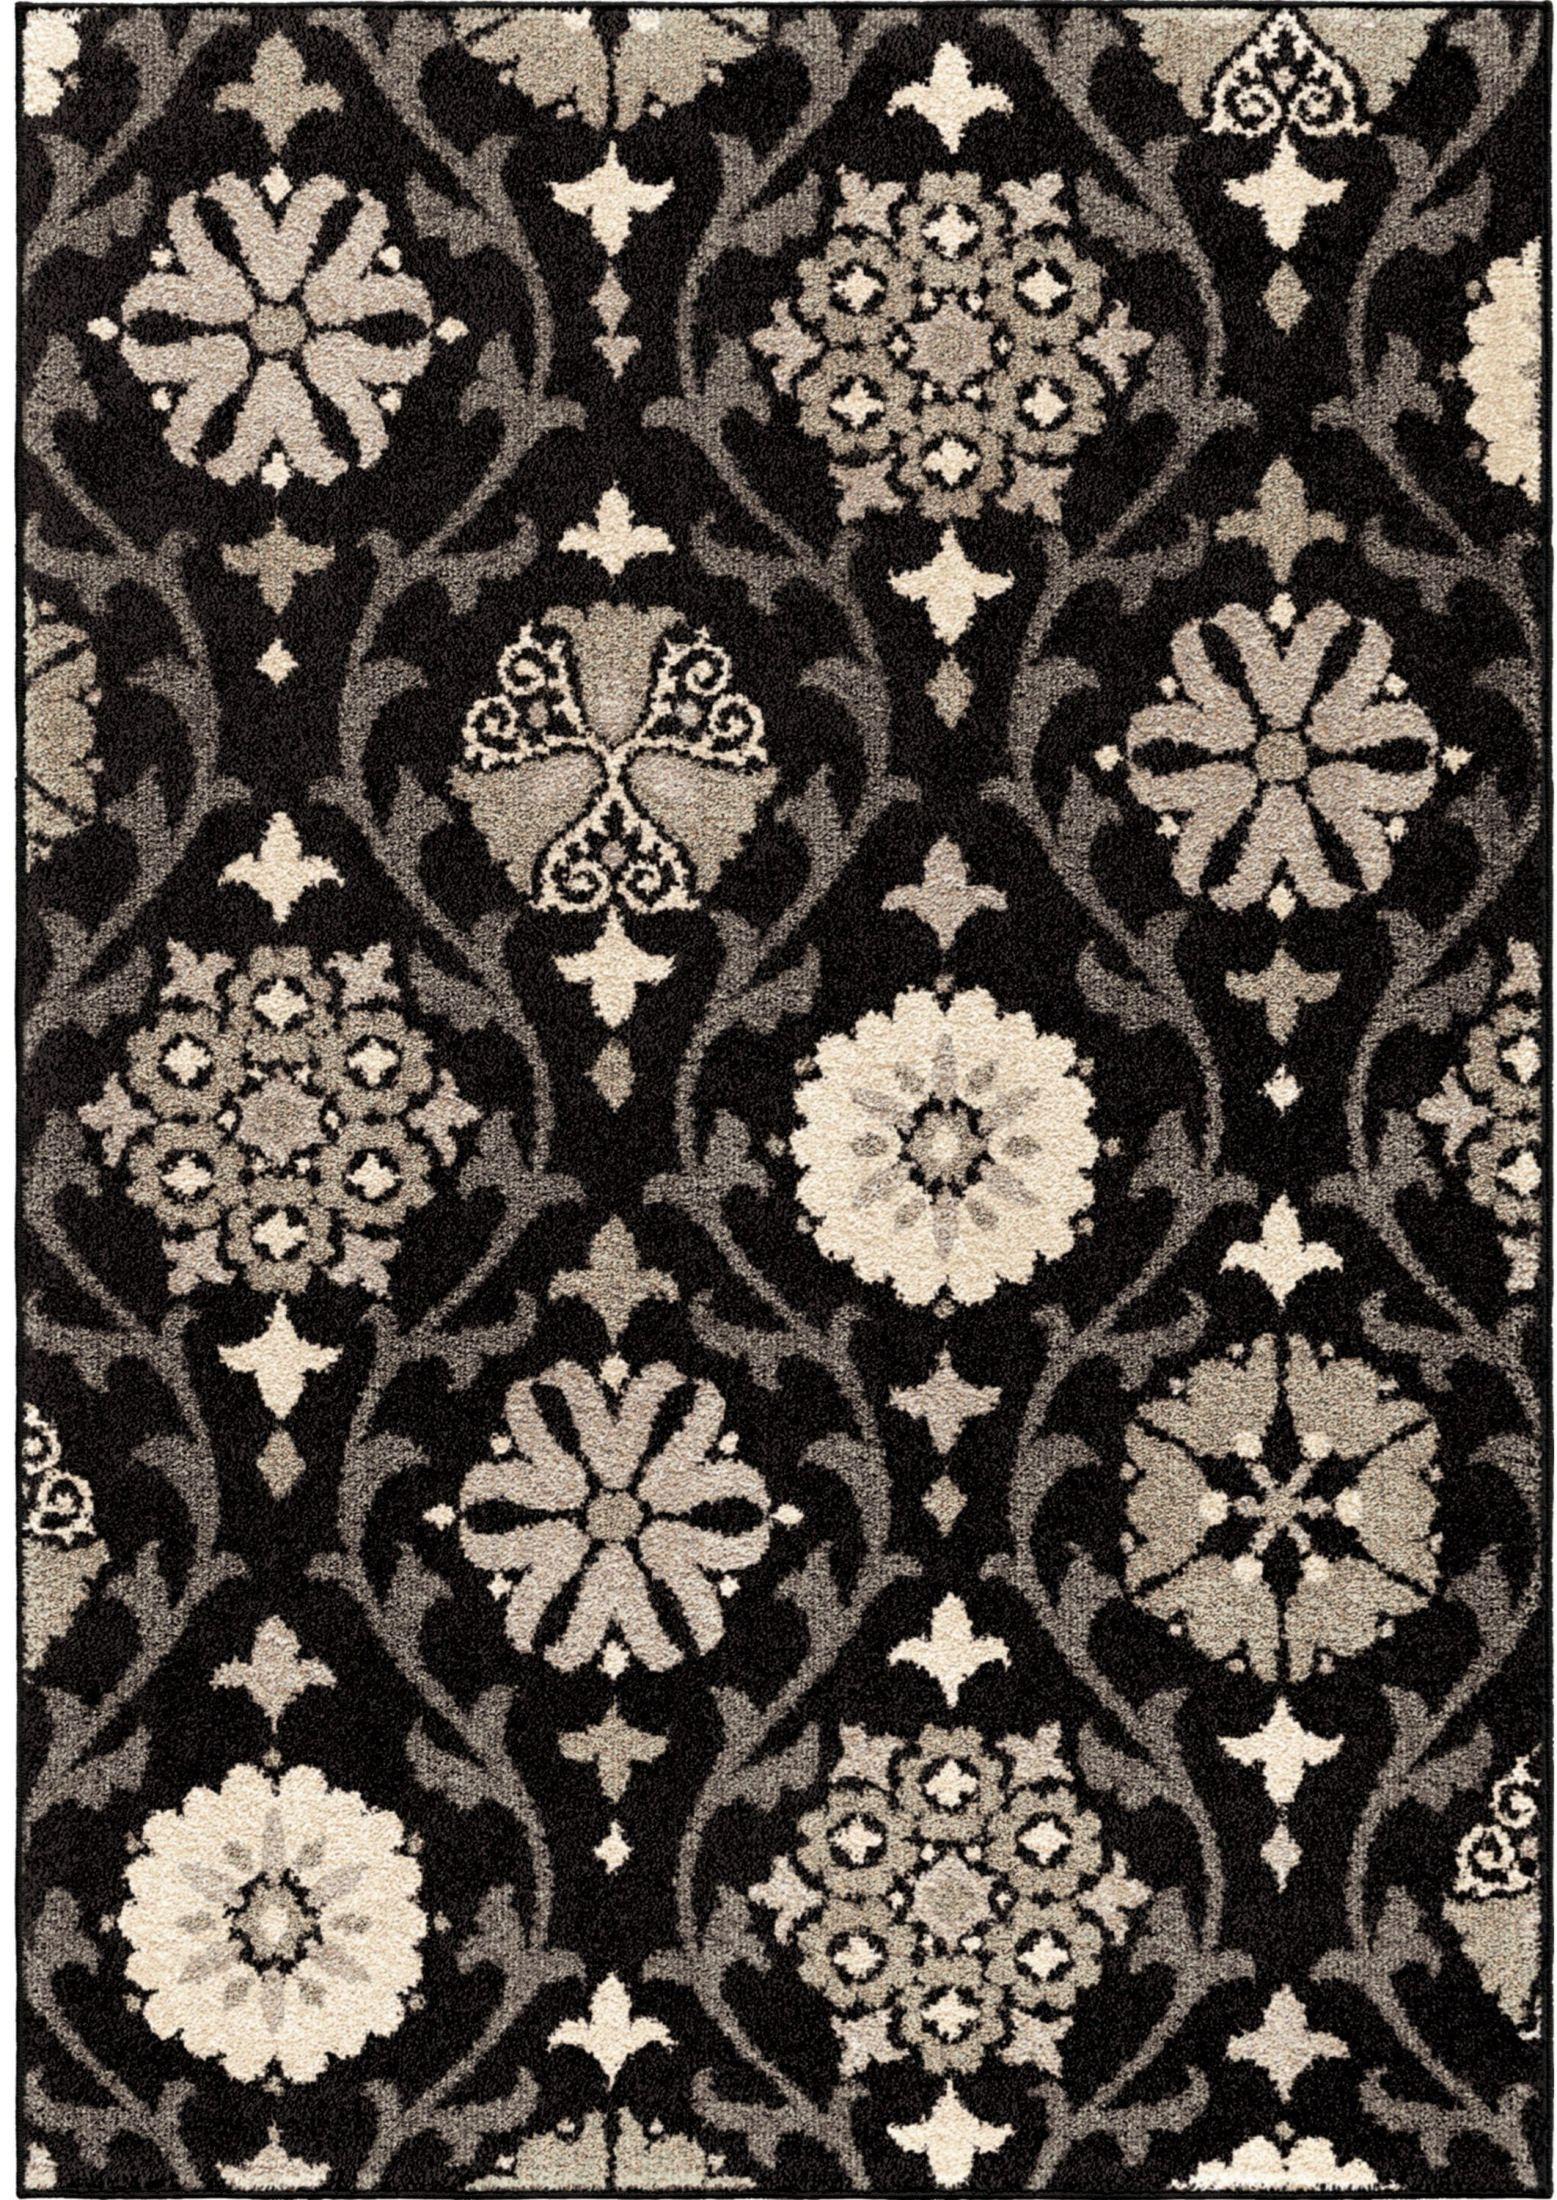 orian rugs floral floral chico black area large rug 4304. Black Bedroom Furniture Sets. Home Design Ideas